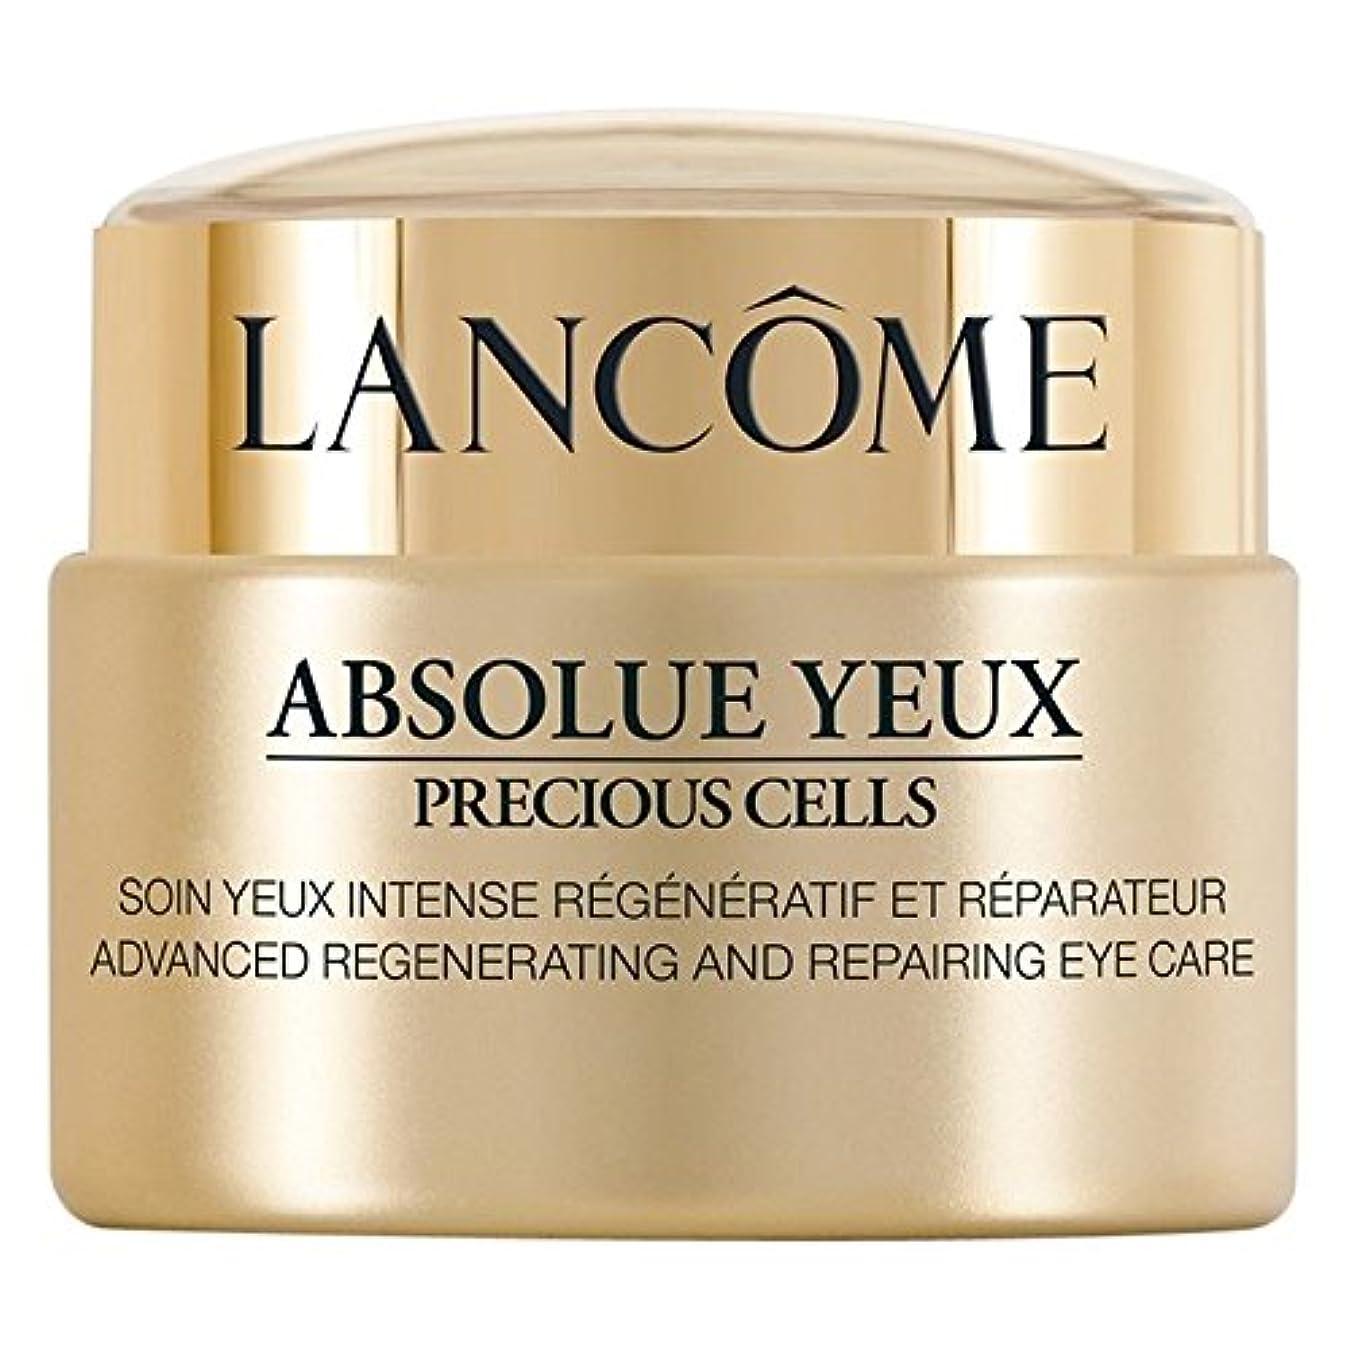 バストワイド素晴らしいです[Lanc?me] ランコムアブソリュのYeux貴重なセルアイクリーム20ミリリットル - Lanc?me Absolue Yeux Precious Cells Eye Cream 20ml [並行輸入品]